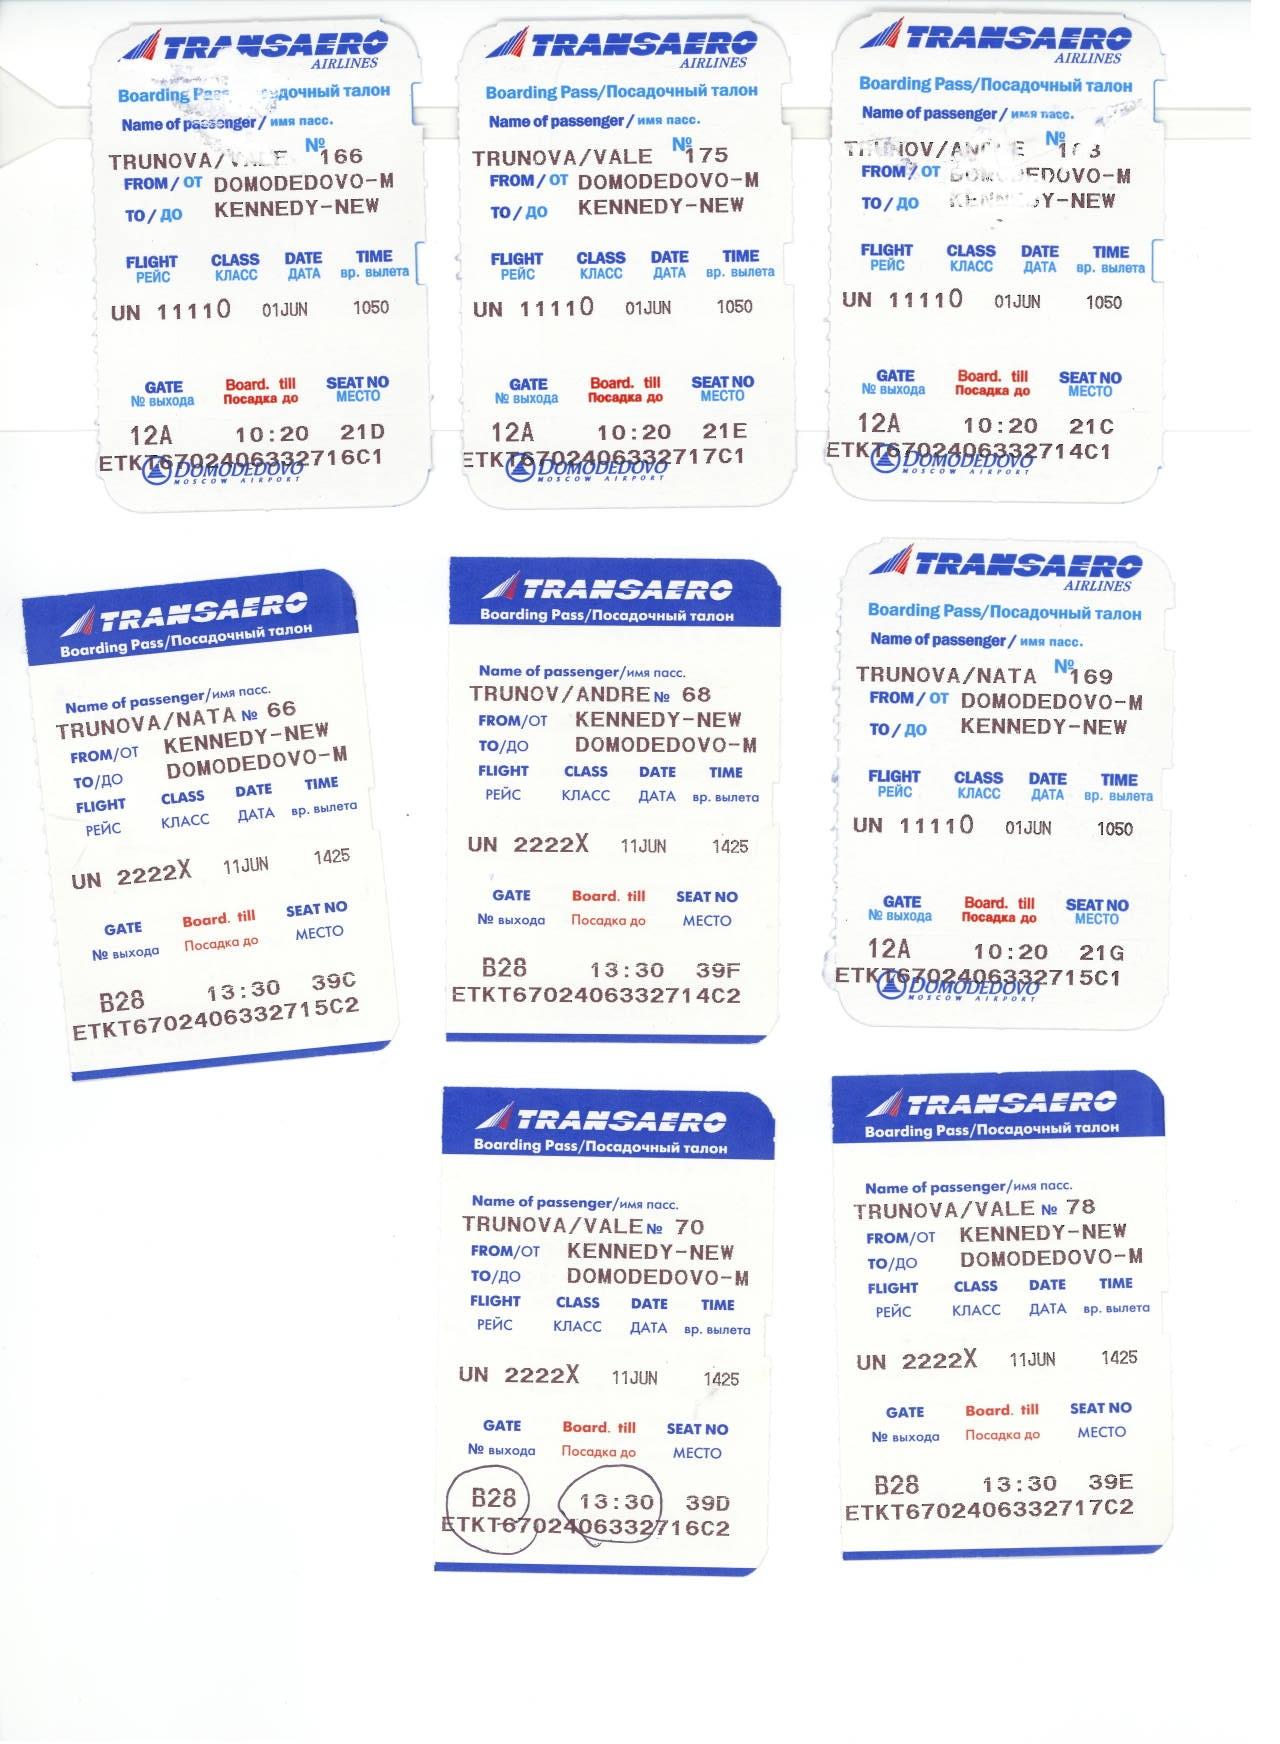 купить билет на самолет в аэропорту домодедово